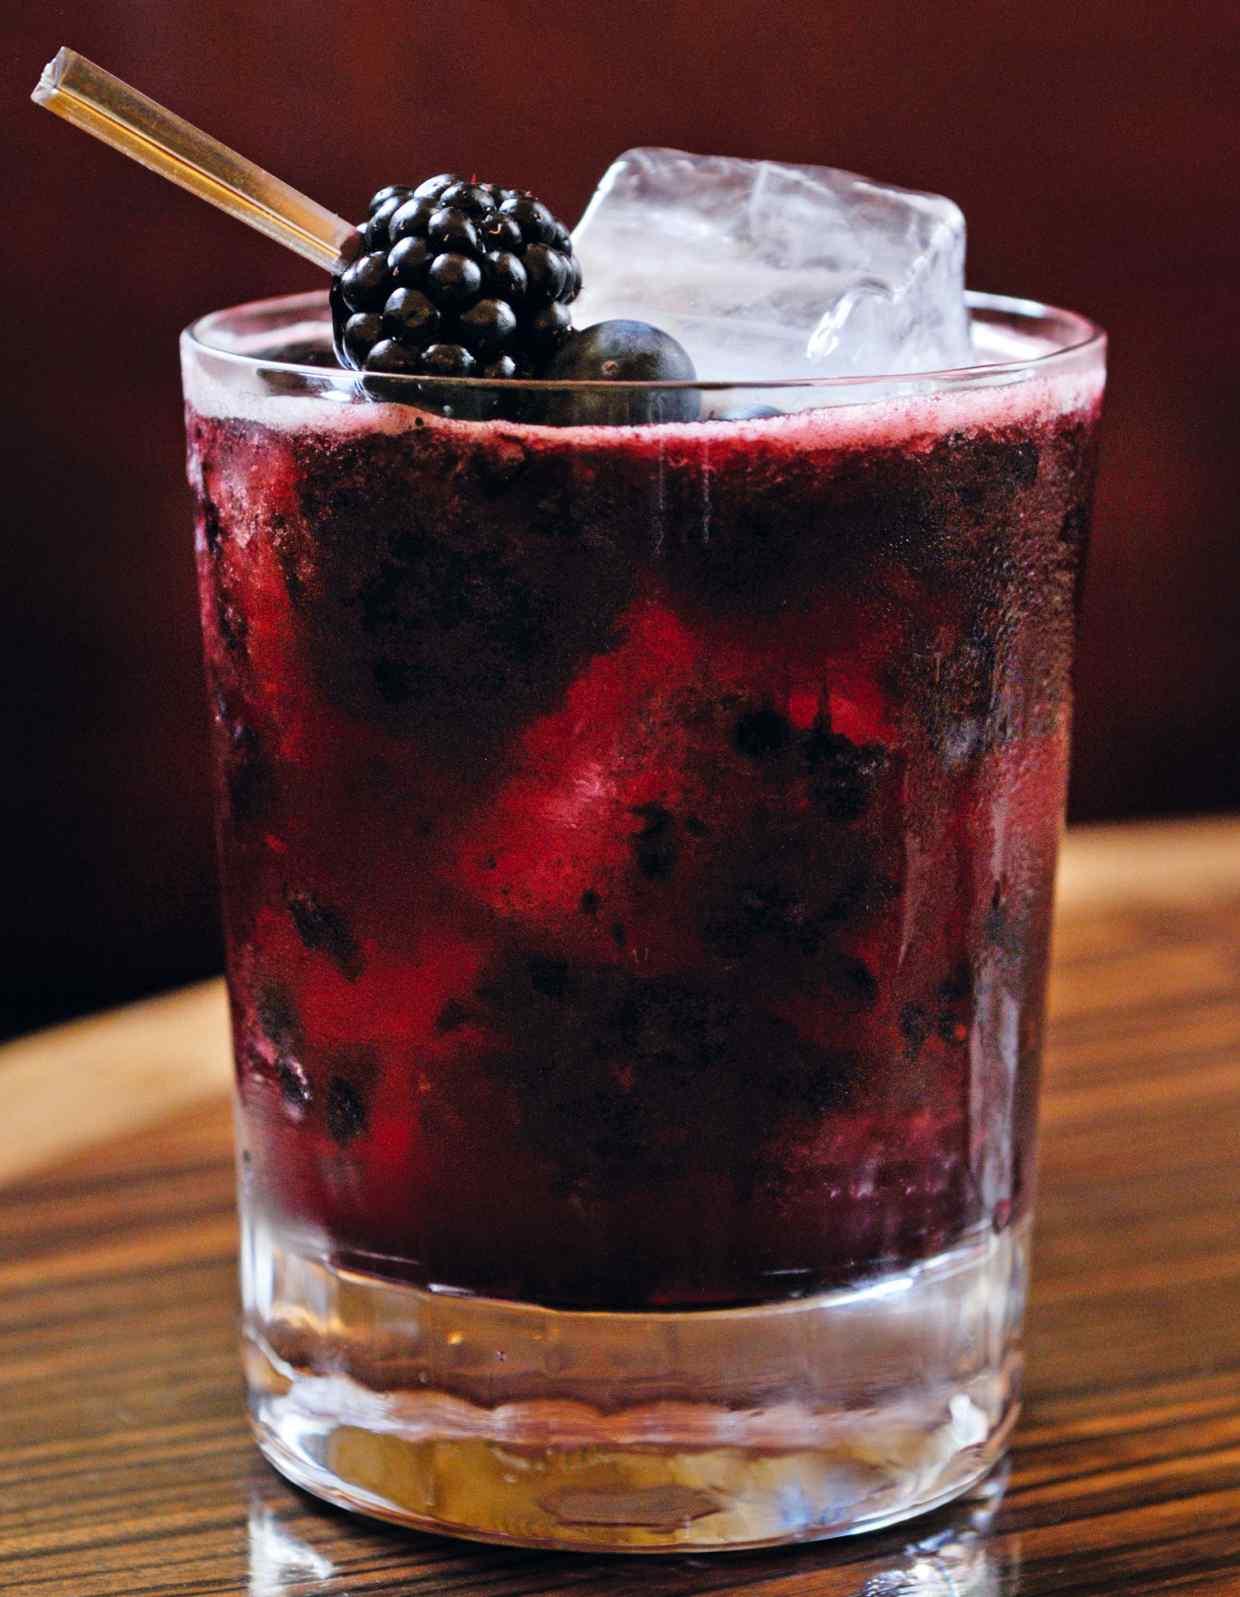 Фруктово-ягодный коктейль Тёмная сторона (Dark Side)